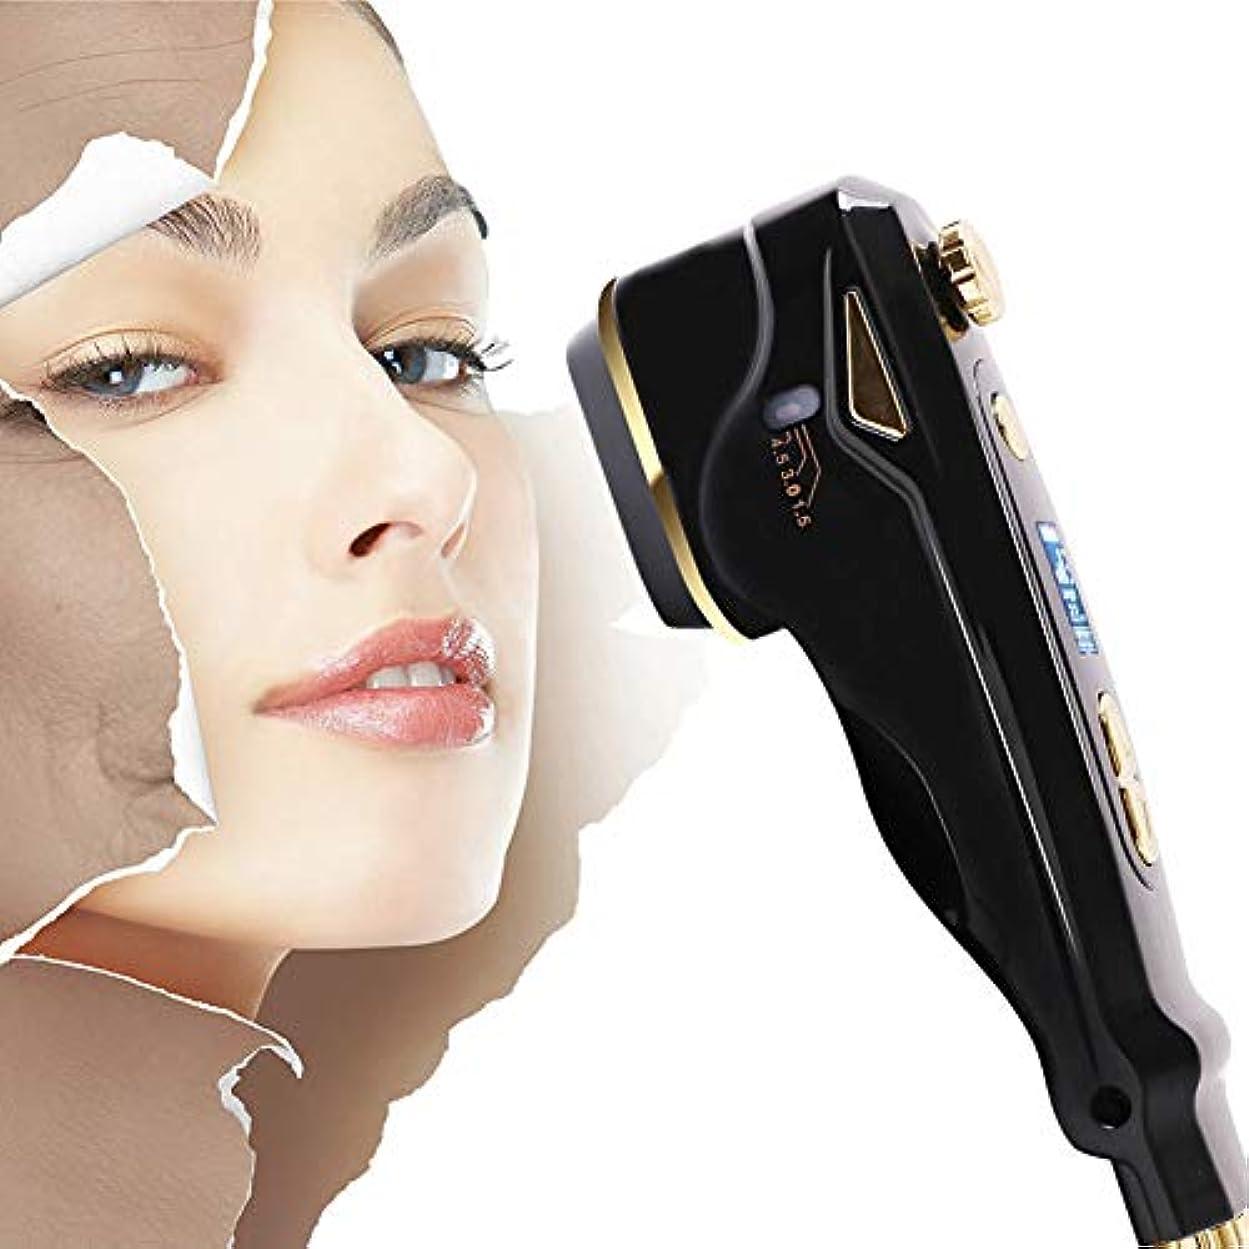 迫害克服する背が高いミニ 1の3 HIFU アンチエイジング 改築 デバイス、 世帯 RF フェイシャル 美しさ 機械 へ 家庭での使用 肌の若返り、 首 しわの除去、 ホワイトニング、 肌の引き締め デバイス